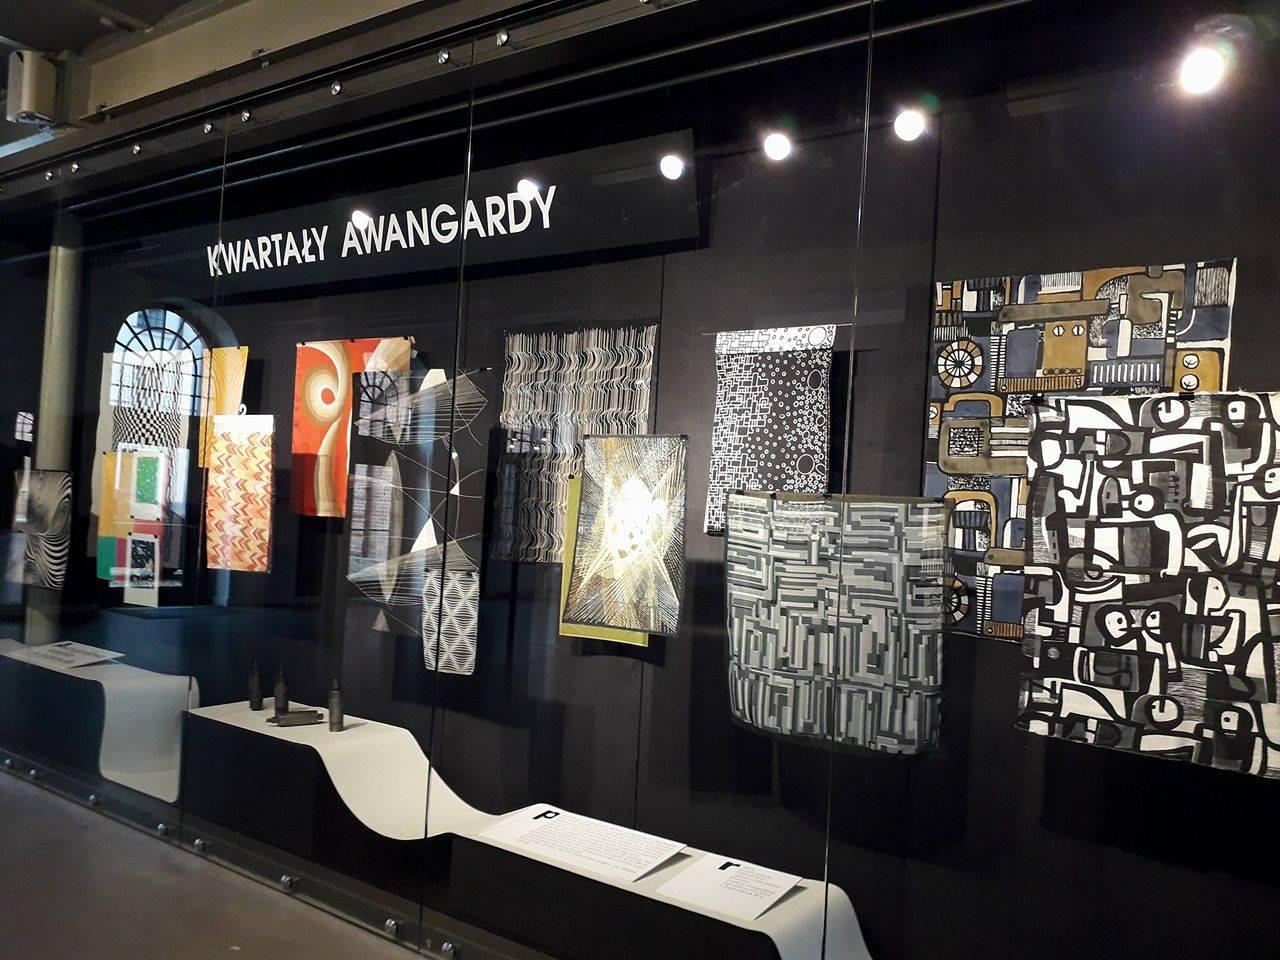 Kwartały awangardy: Awangardowe wzornictwo w przemyśle